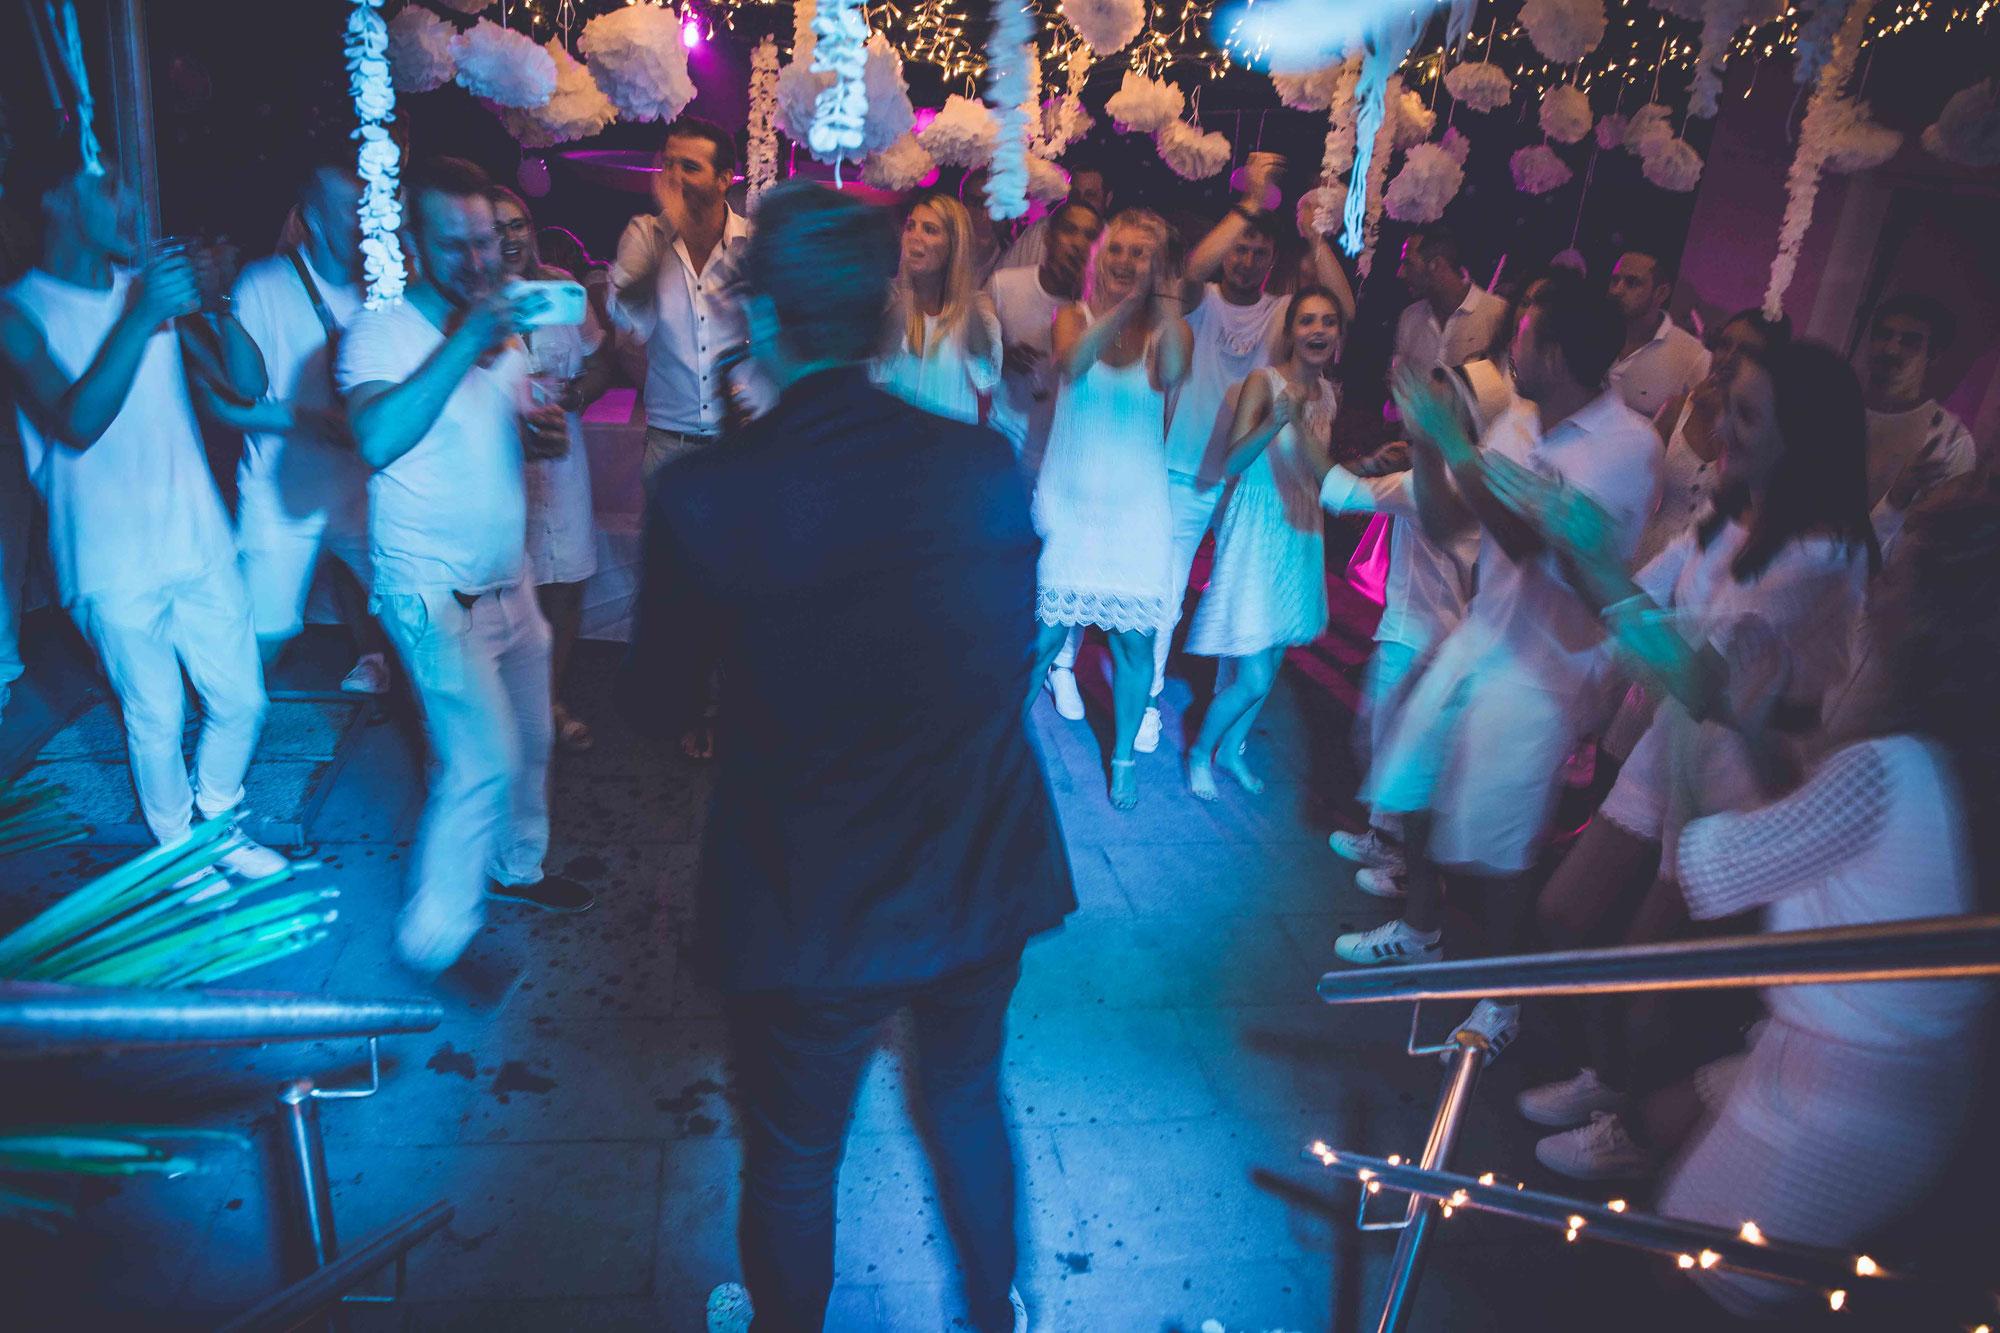 Wedding-Vibes in Moers!